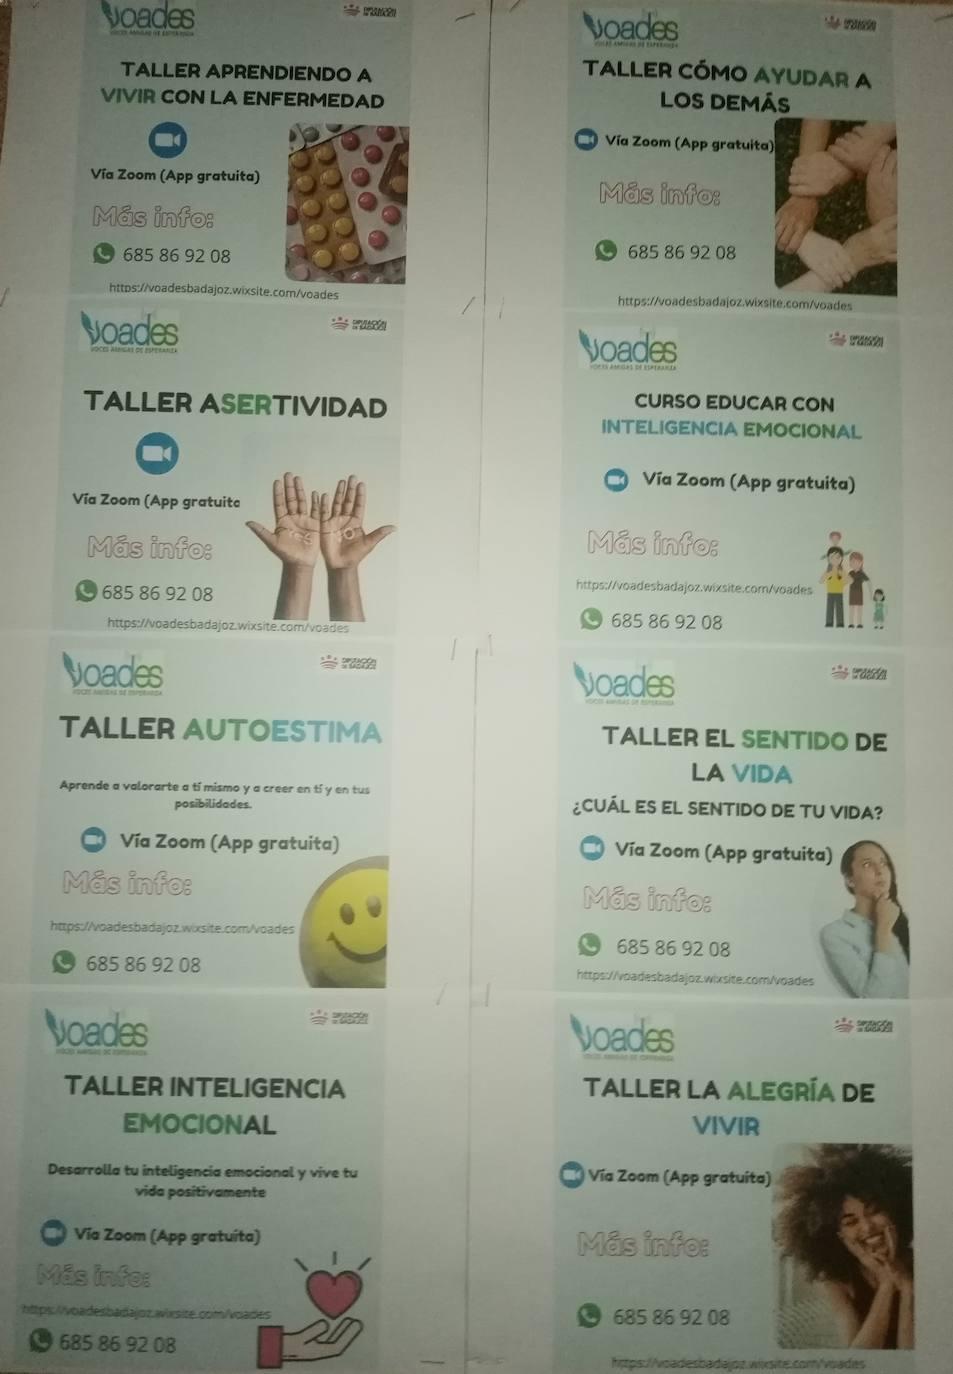 Voades Badajoz oferta 8 nuevos cursos y talleres